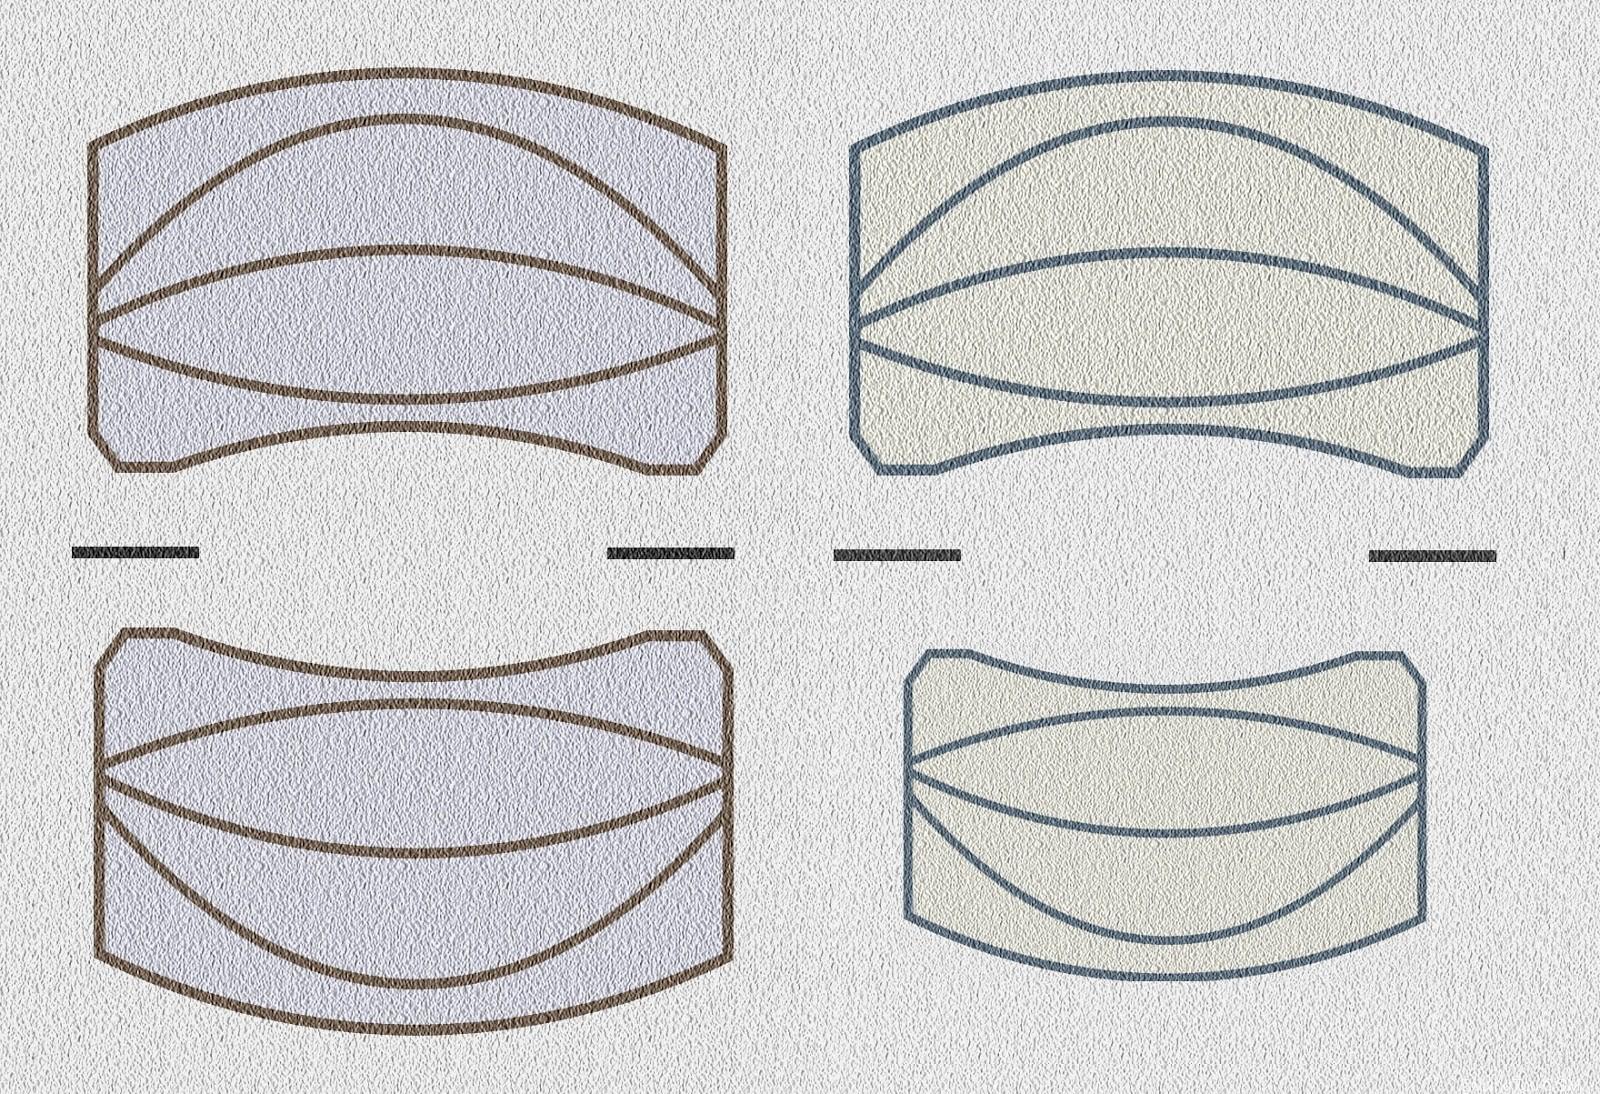 蔡司经典镜头第2部分:Doppel-Protar 普鲁塔(Protarlinse x2)